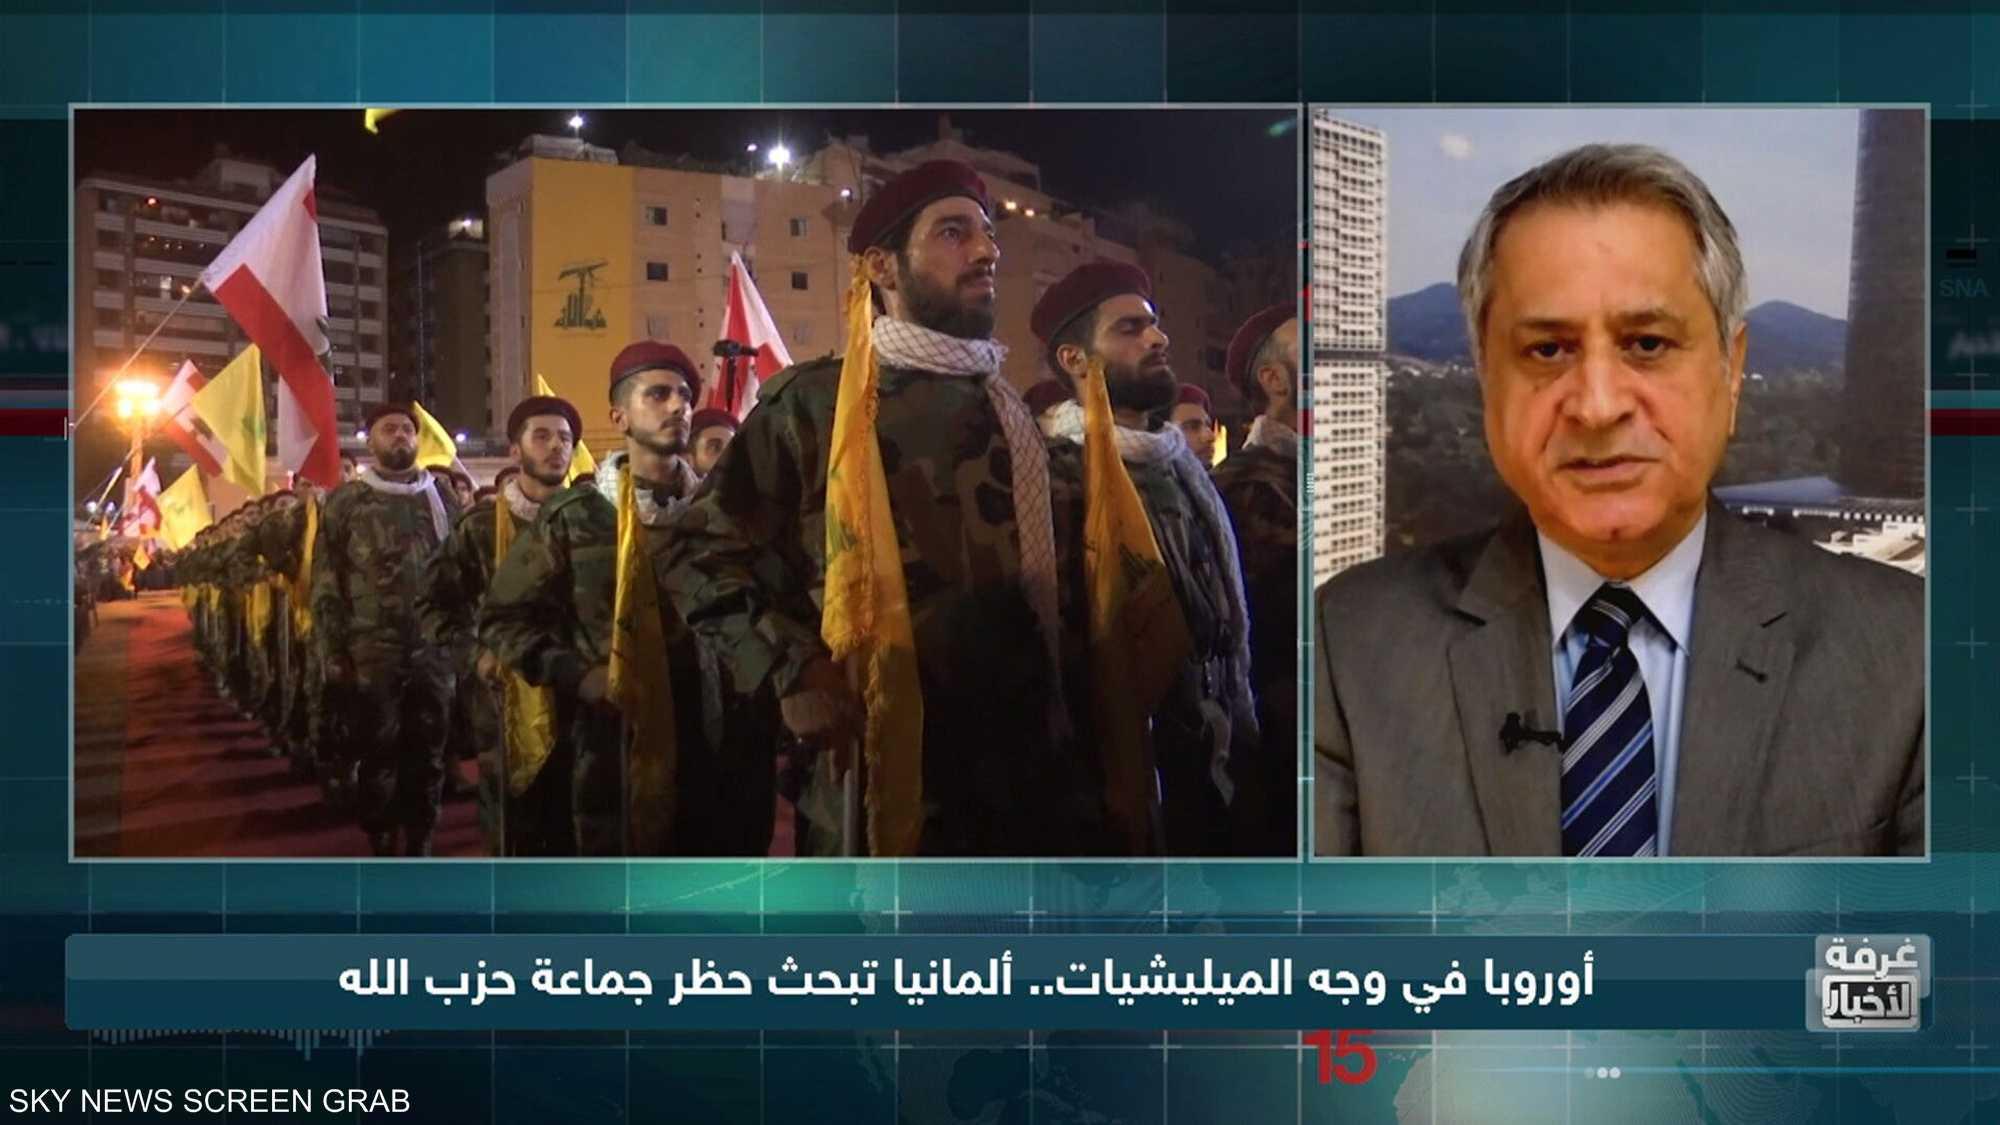 أوروبا في وجه الميليشيات.. ألمانيا تبحث حظر جماعة حزب الله